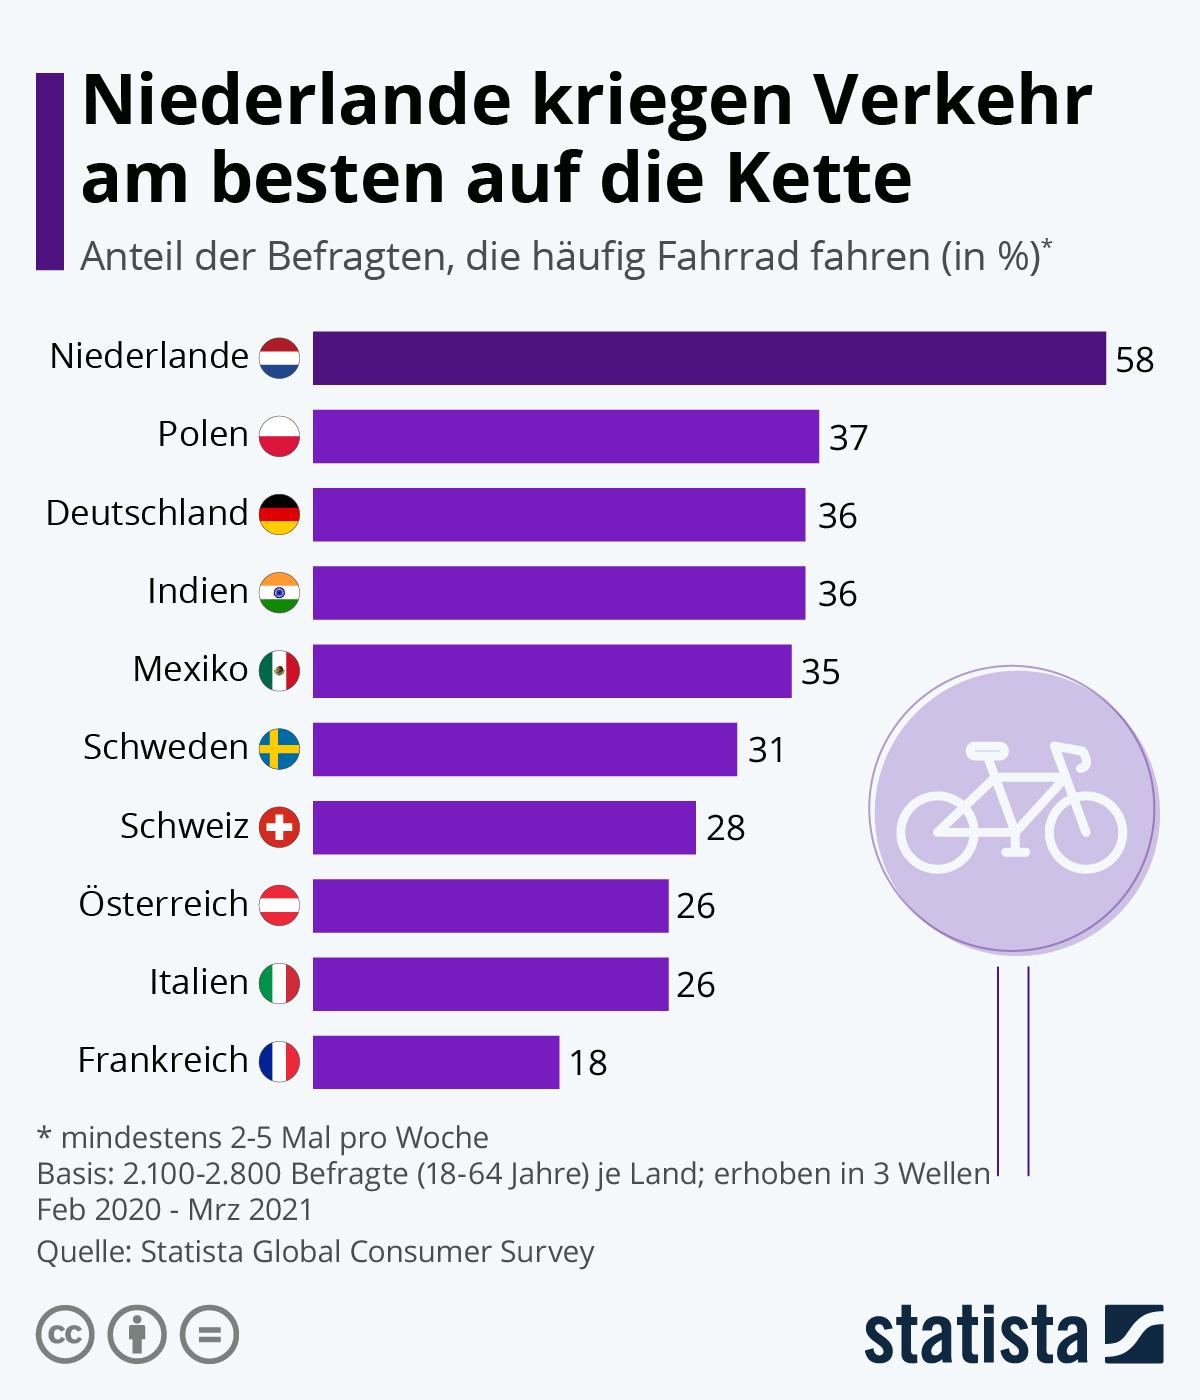 Infografik: Niederlande kriegen Verkehr am besten auf die Kette | Statista